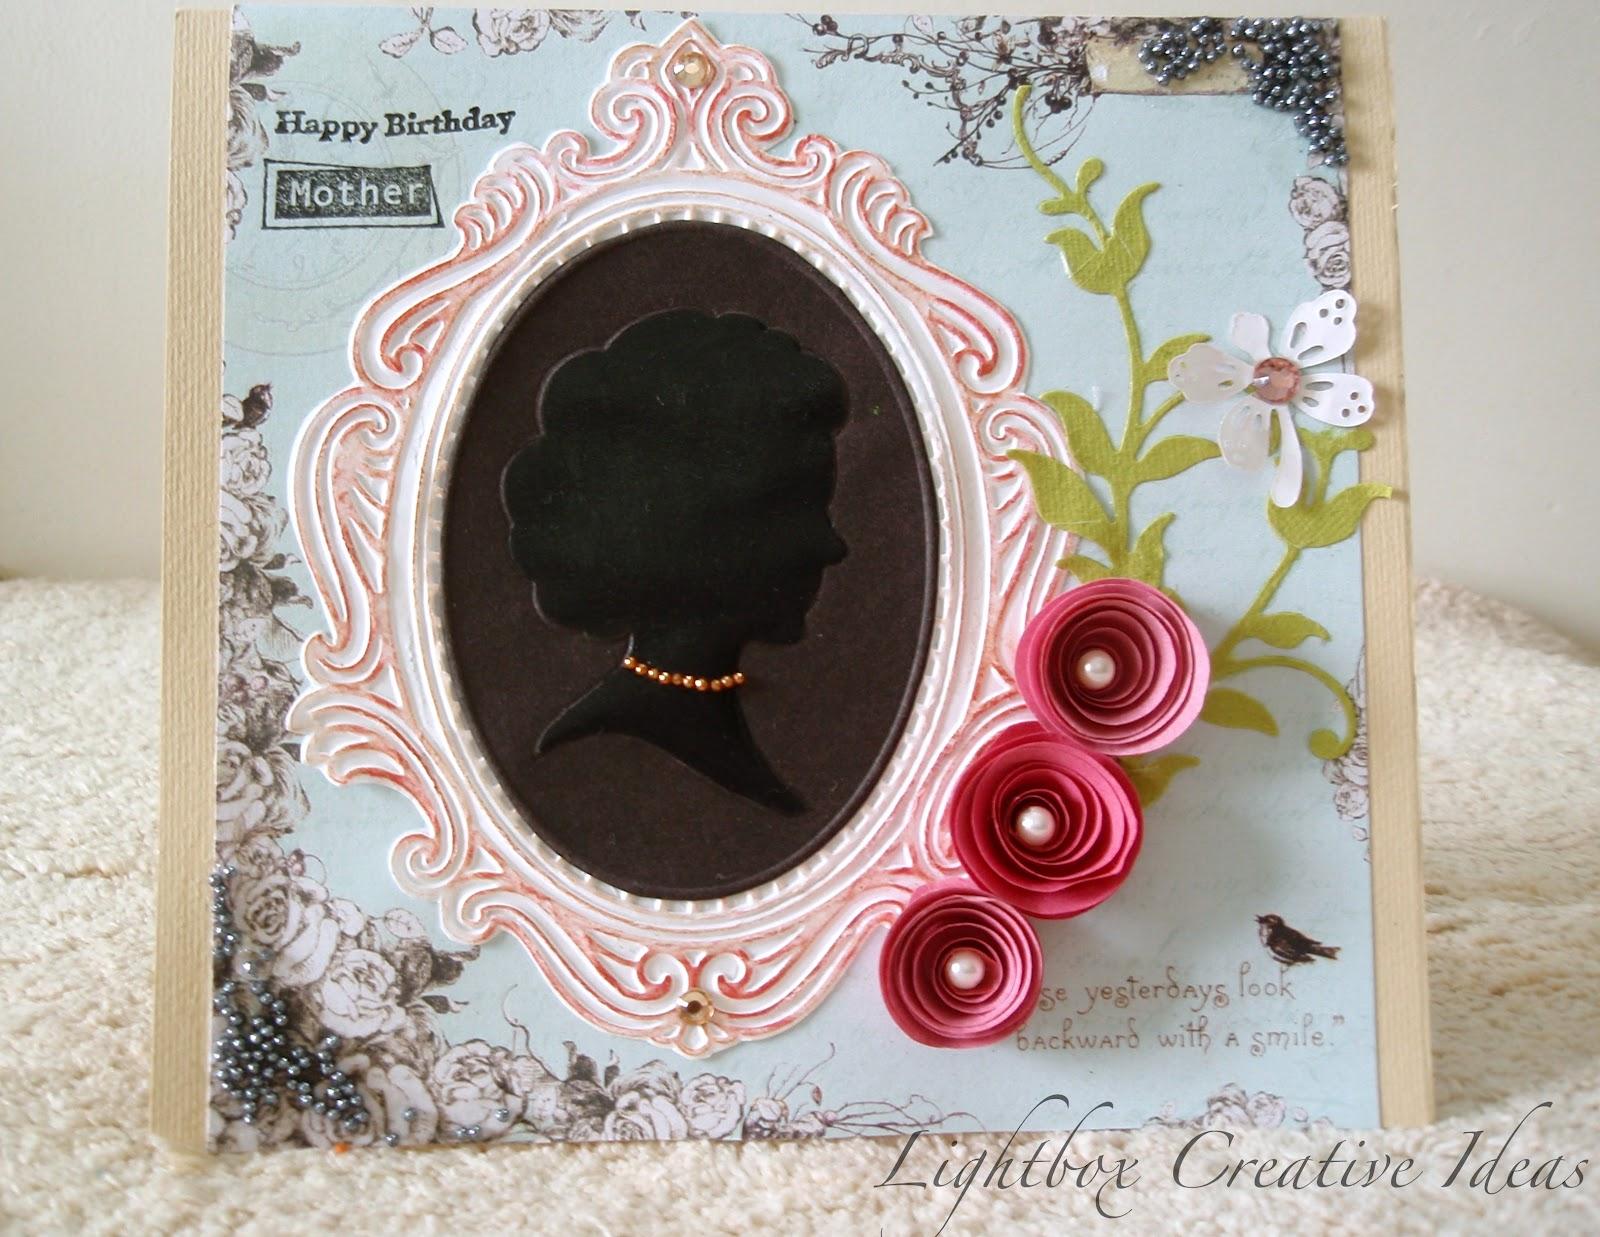 Lightbox creative Ideas: A birthday card for Mom